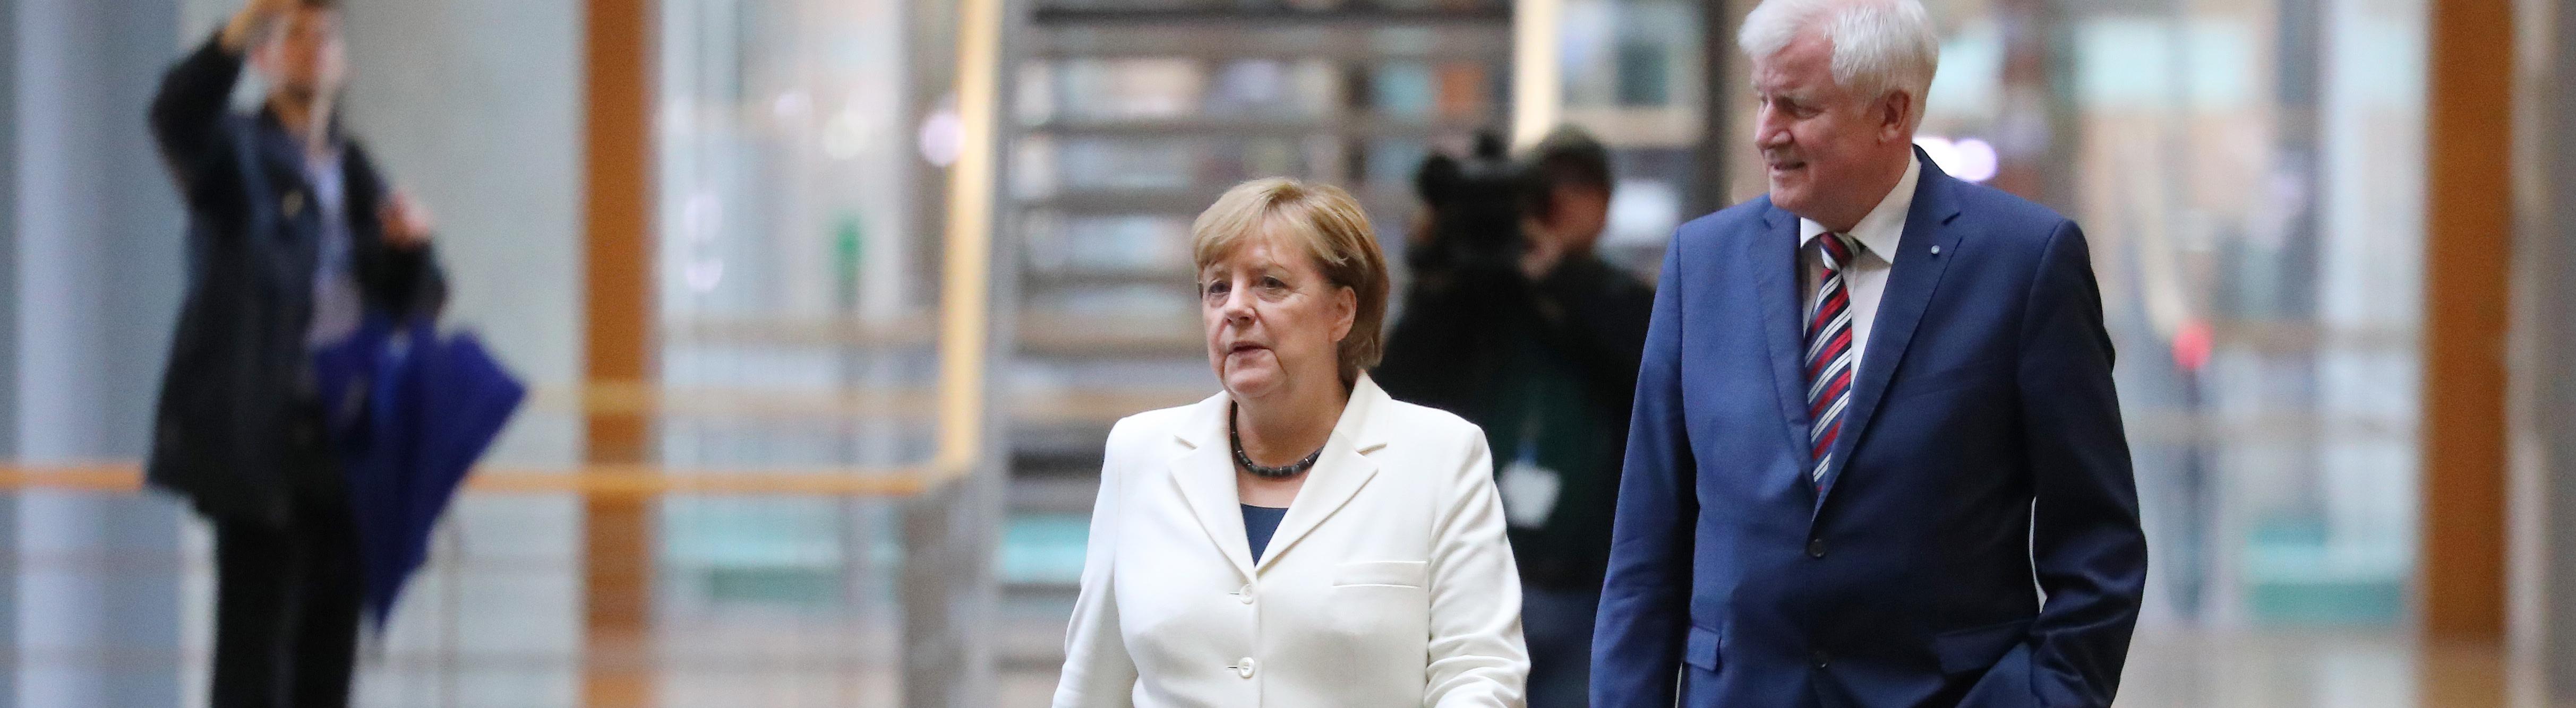 Verblasste Ziele? Angela Merkel und Horst Seehofer auf dem Weg zu den Sondierungsverhandlungen